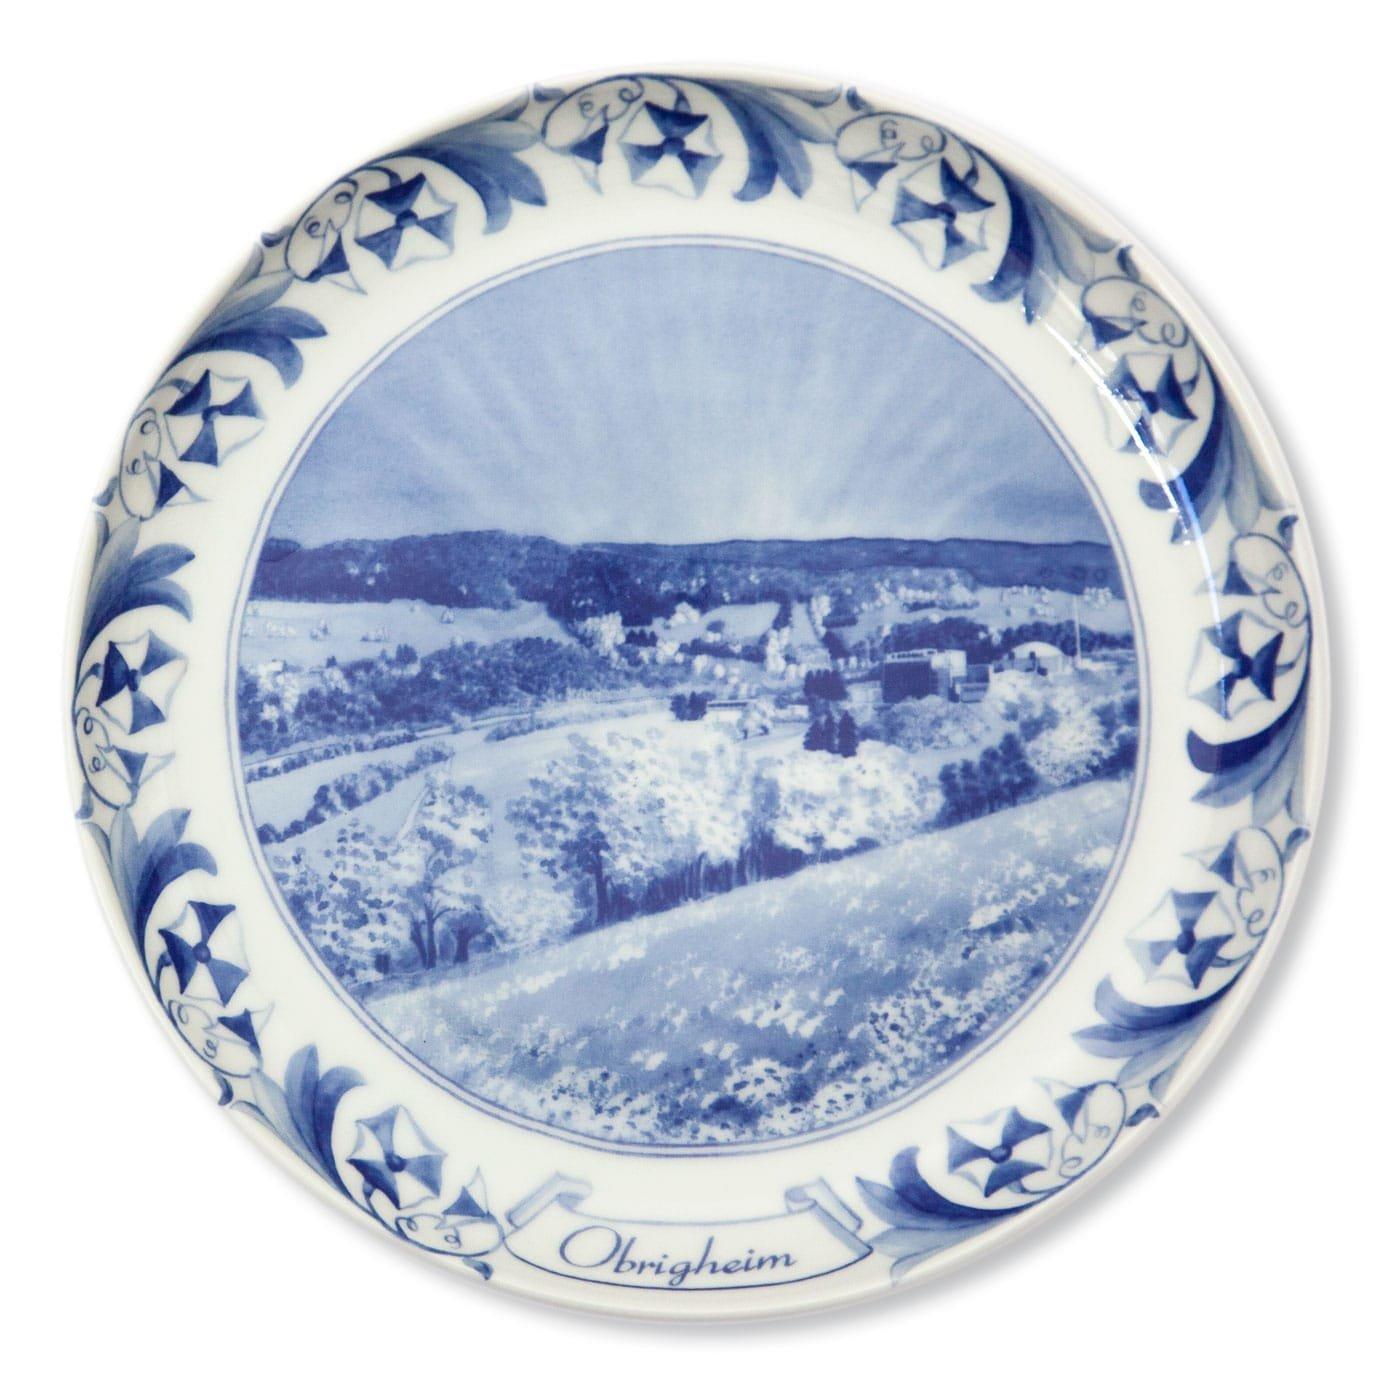 porcelain-nuclear-reactors-plates-obrigheim